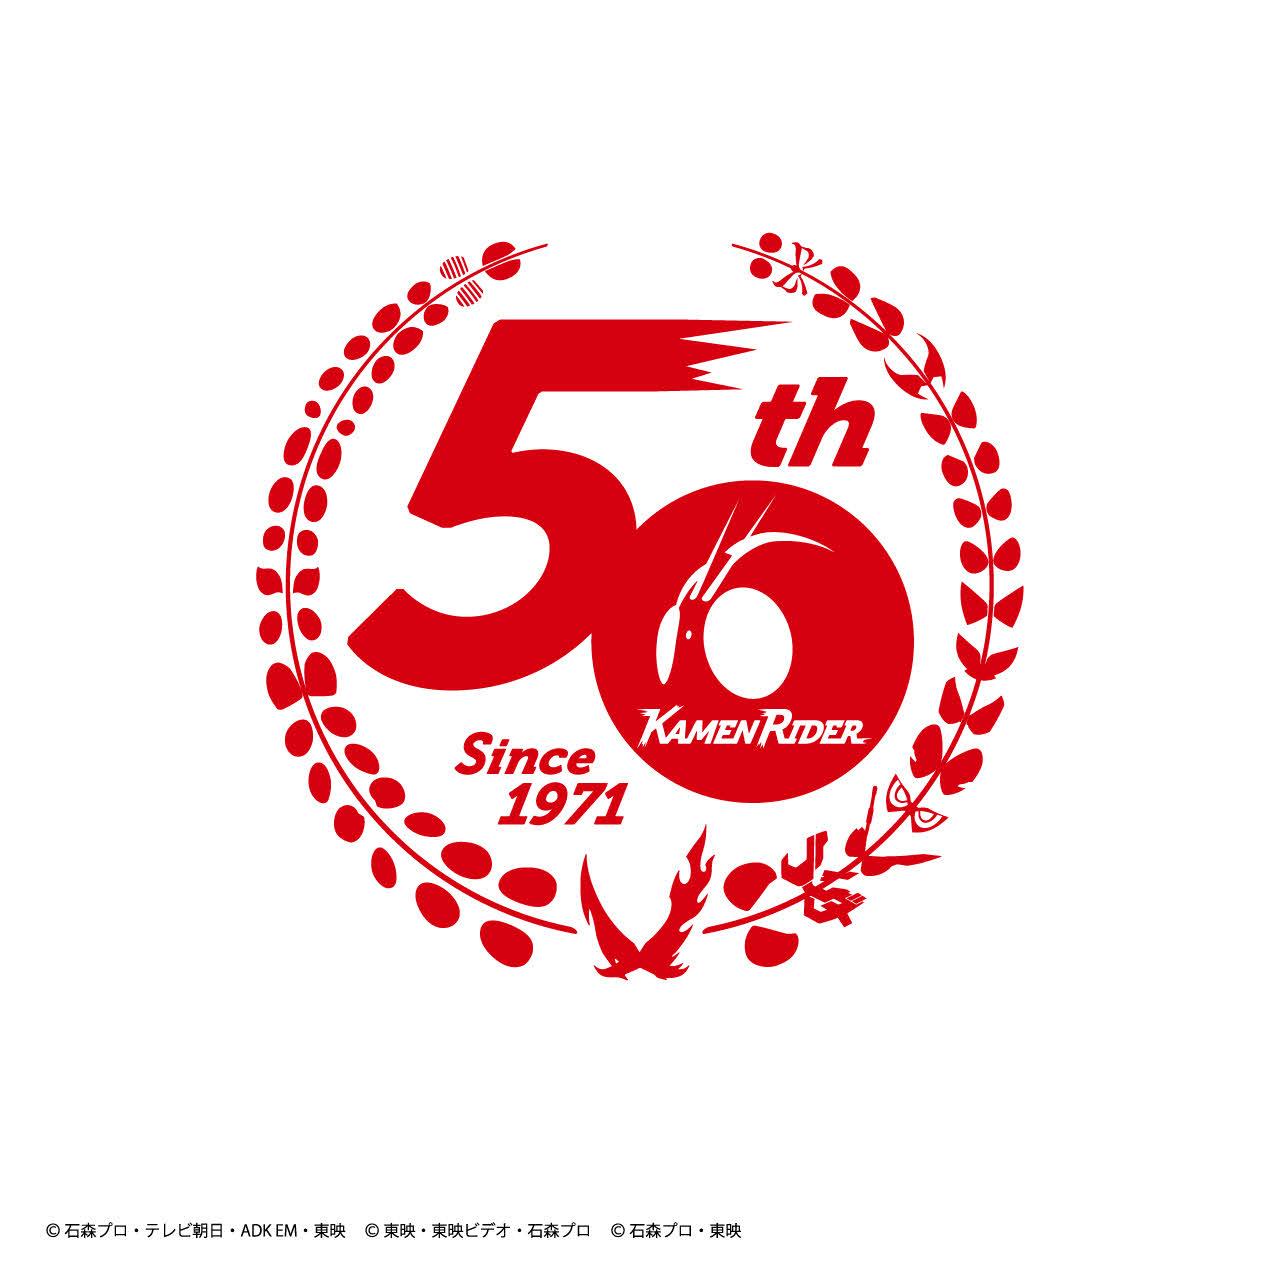 仮面ライダー生誕50周年ロゴ